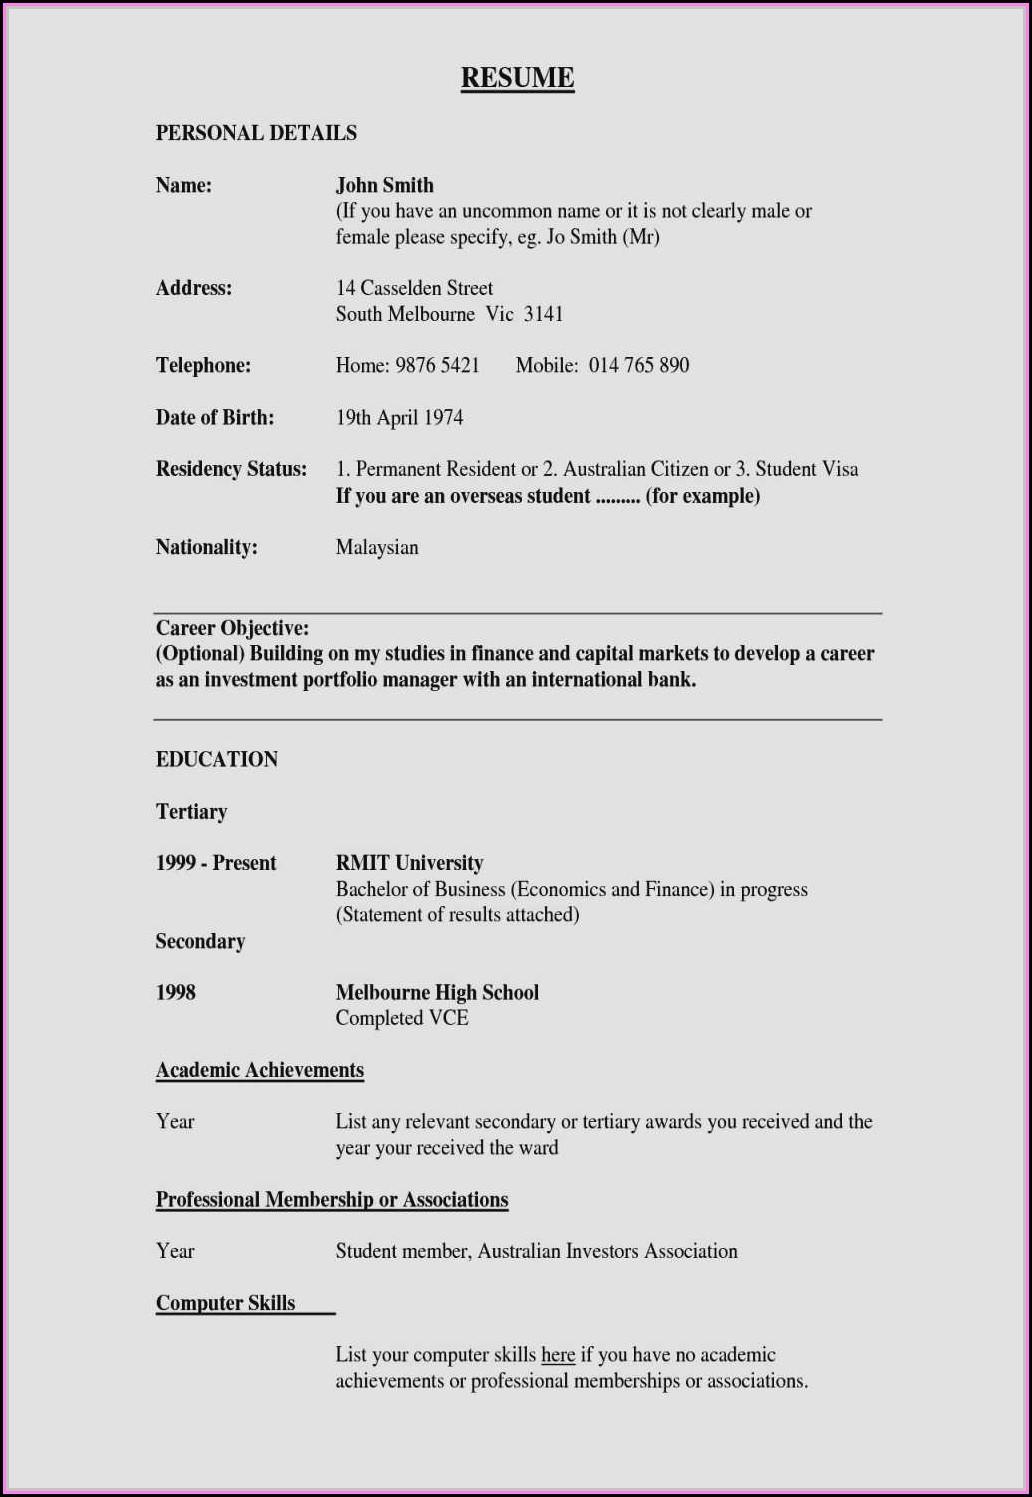 Best Resume Builder For Mac